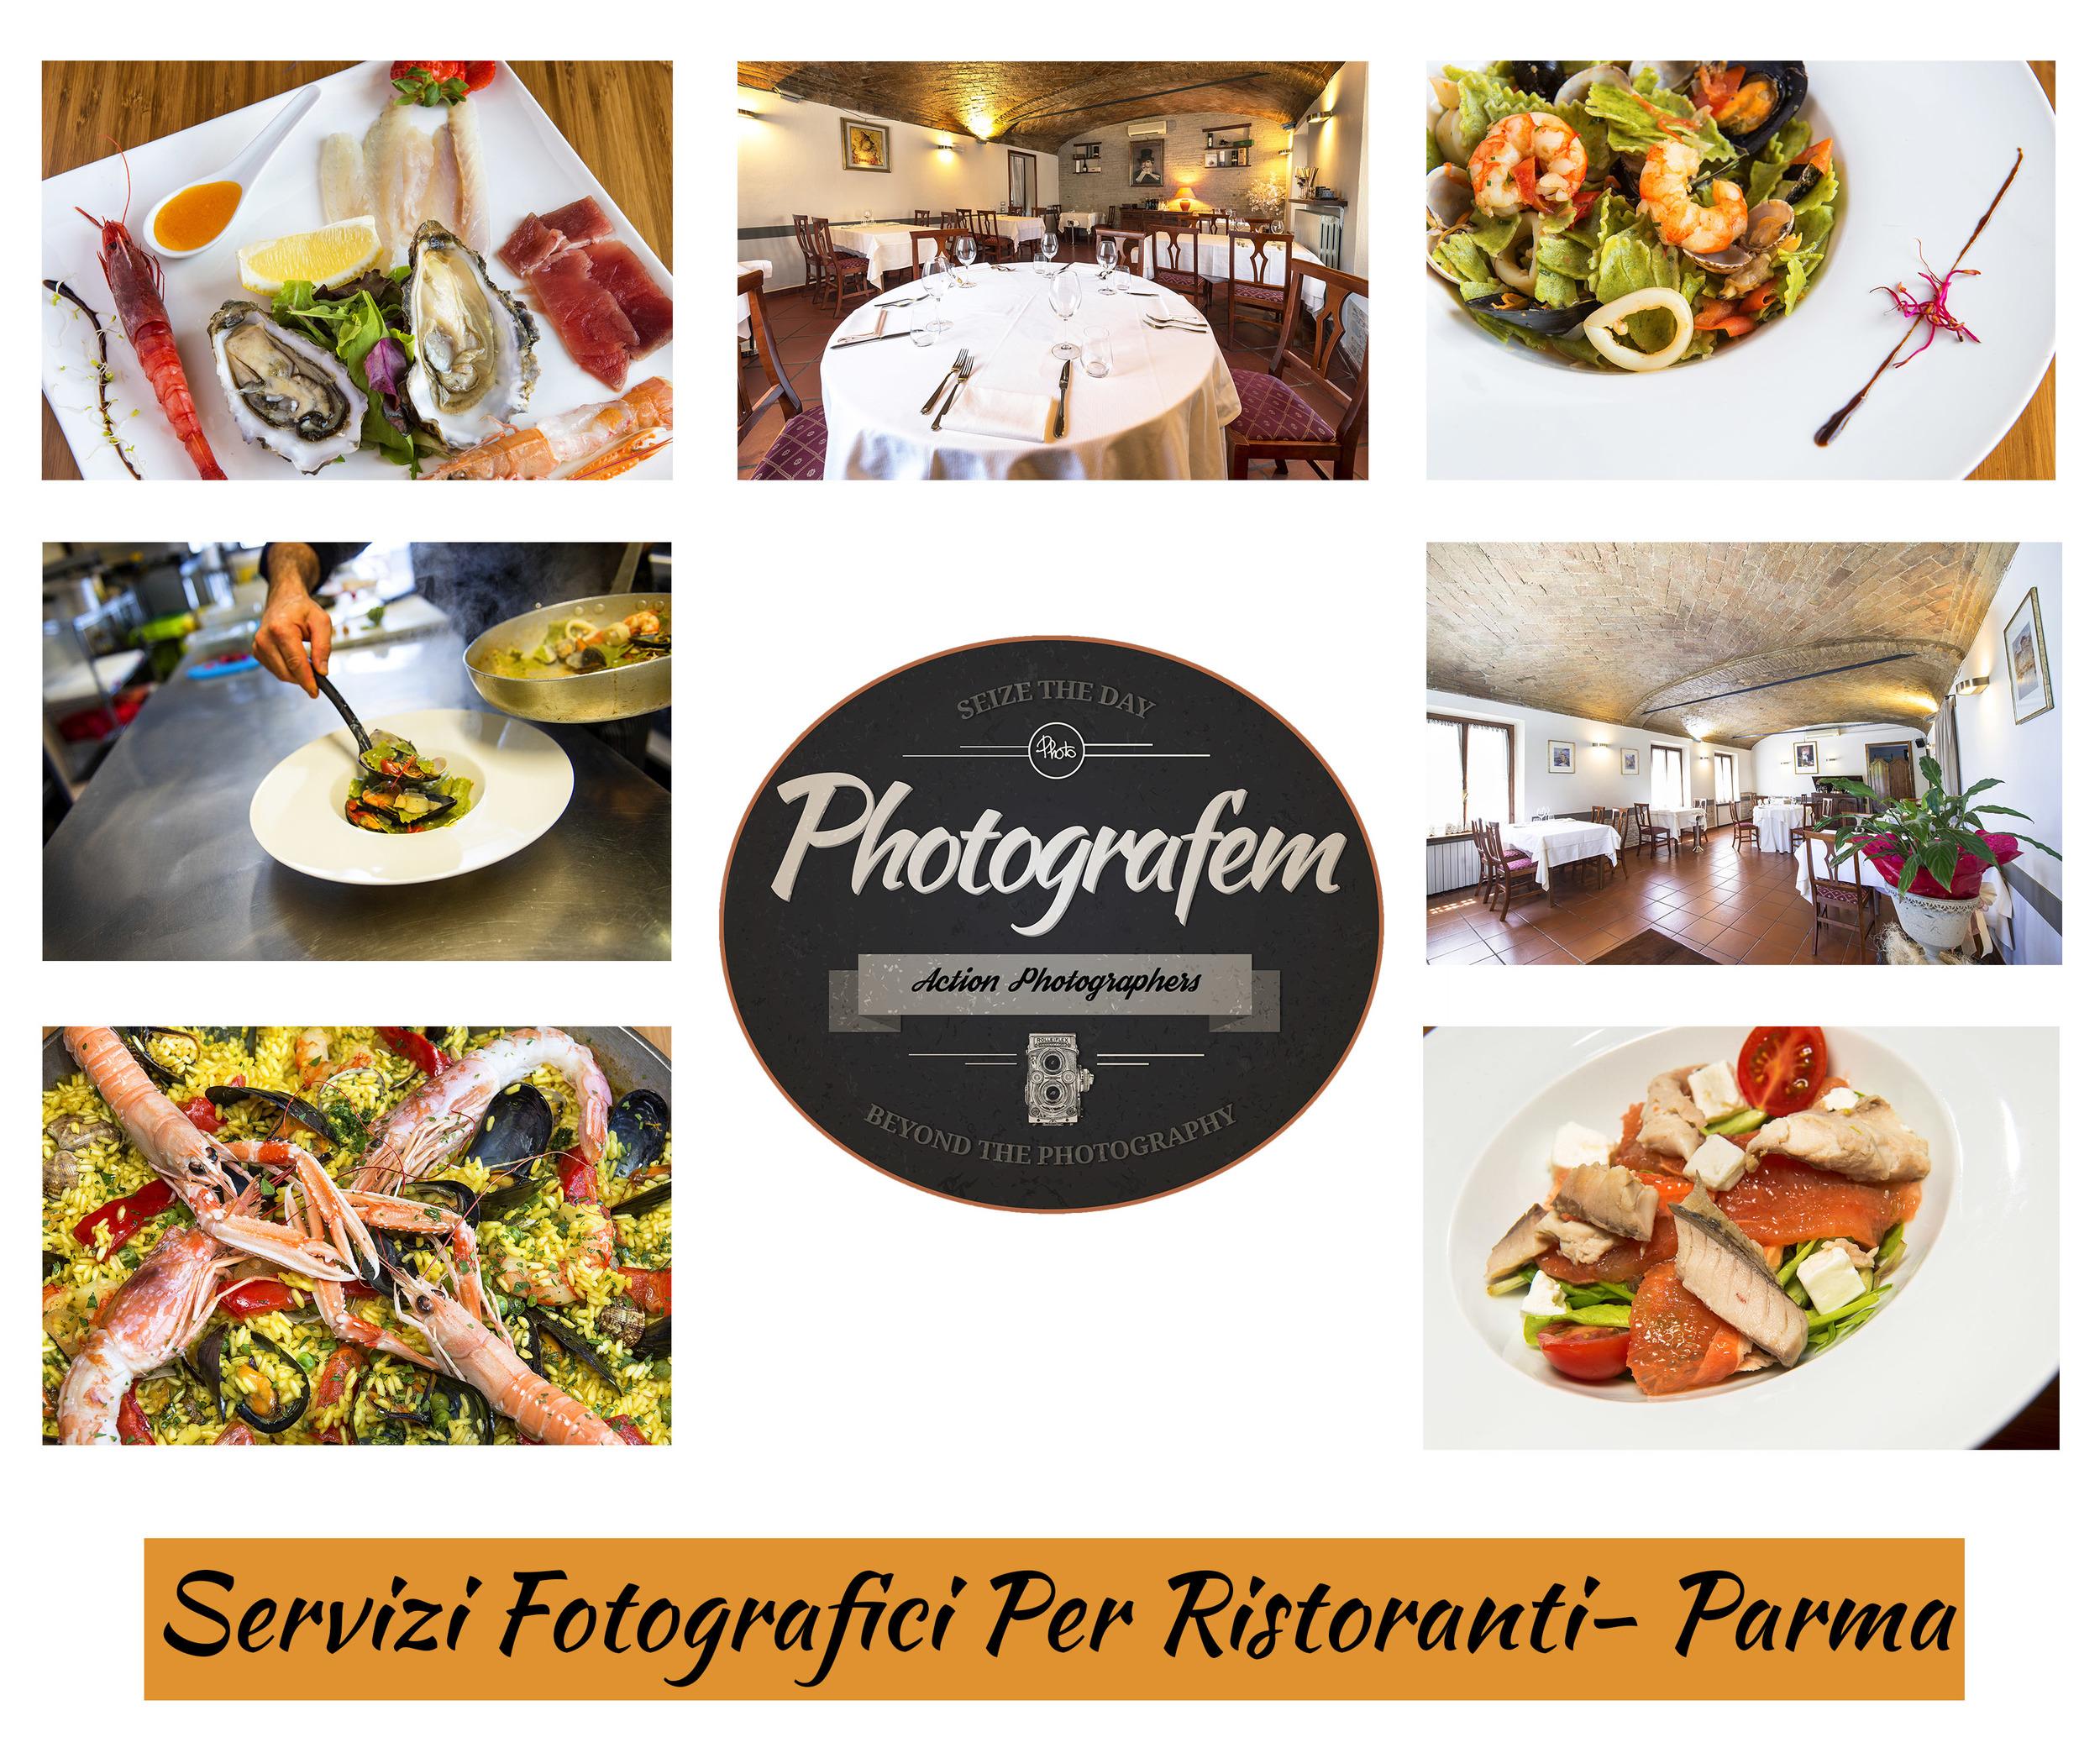 servizi-fotografici-ristoranti-parma-photografem.jpg